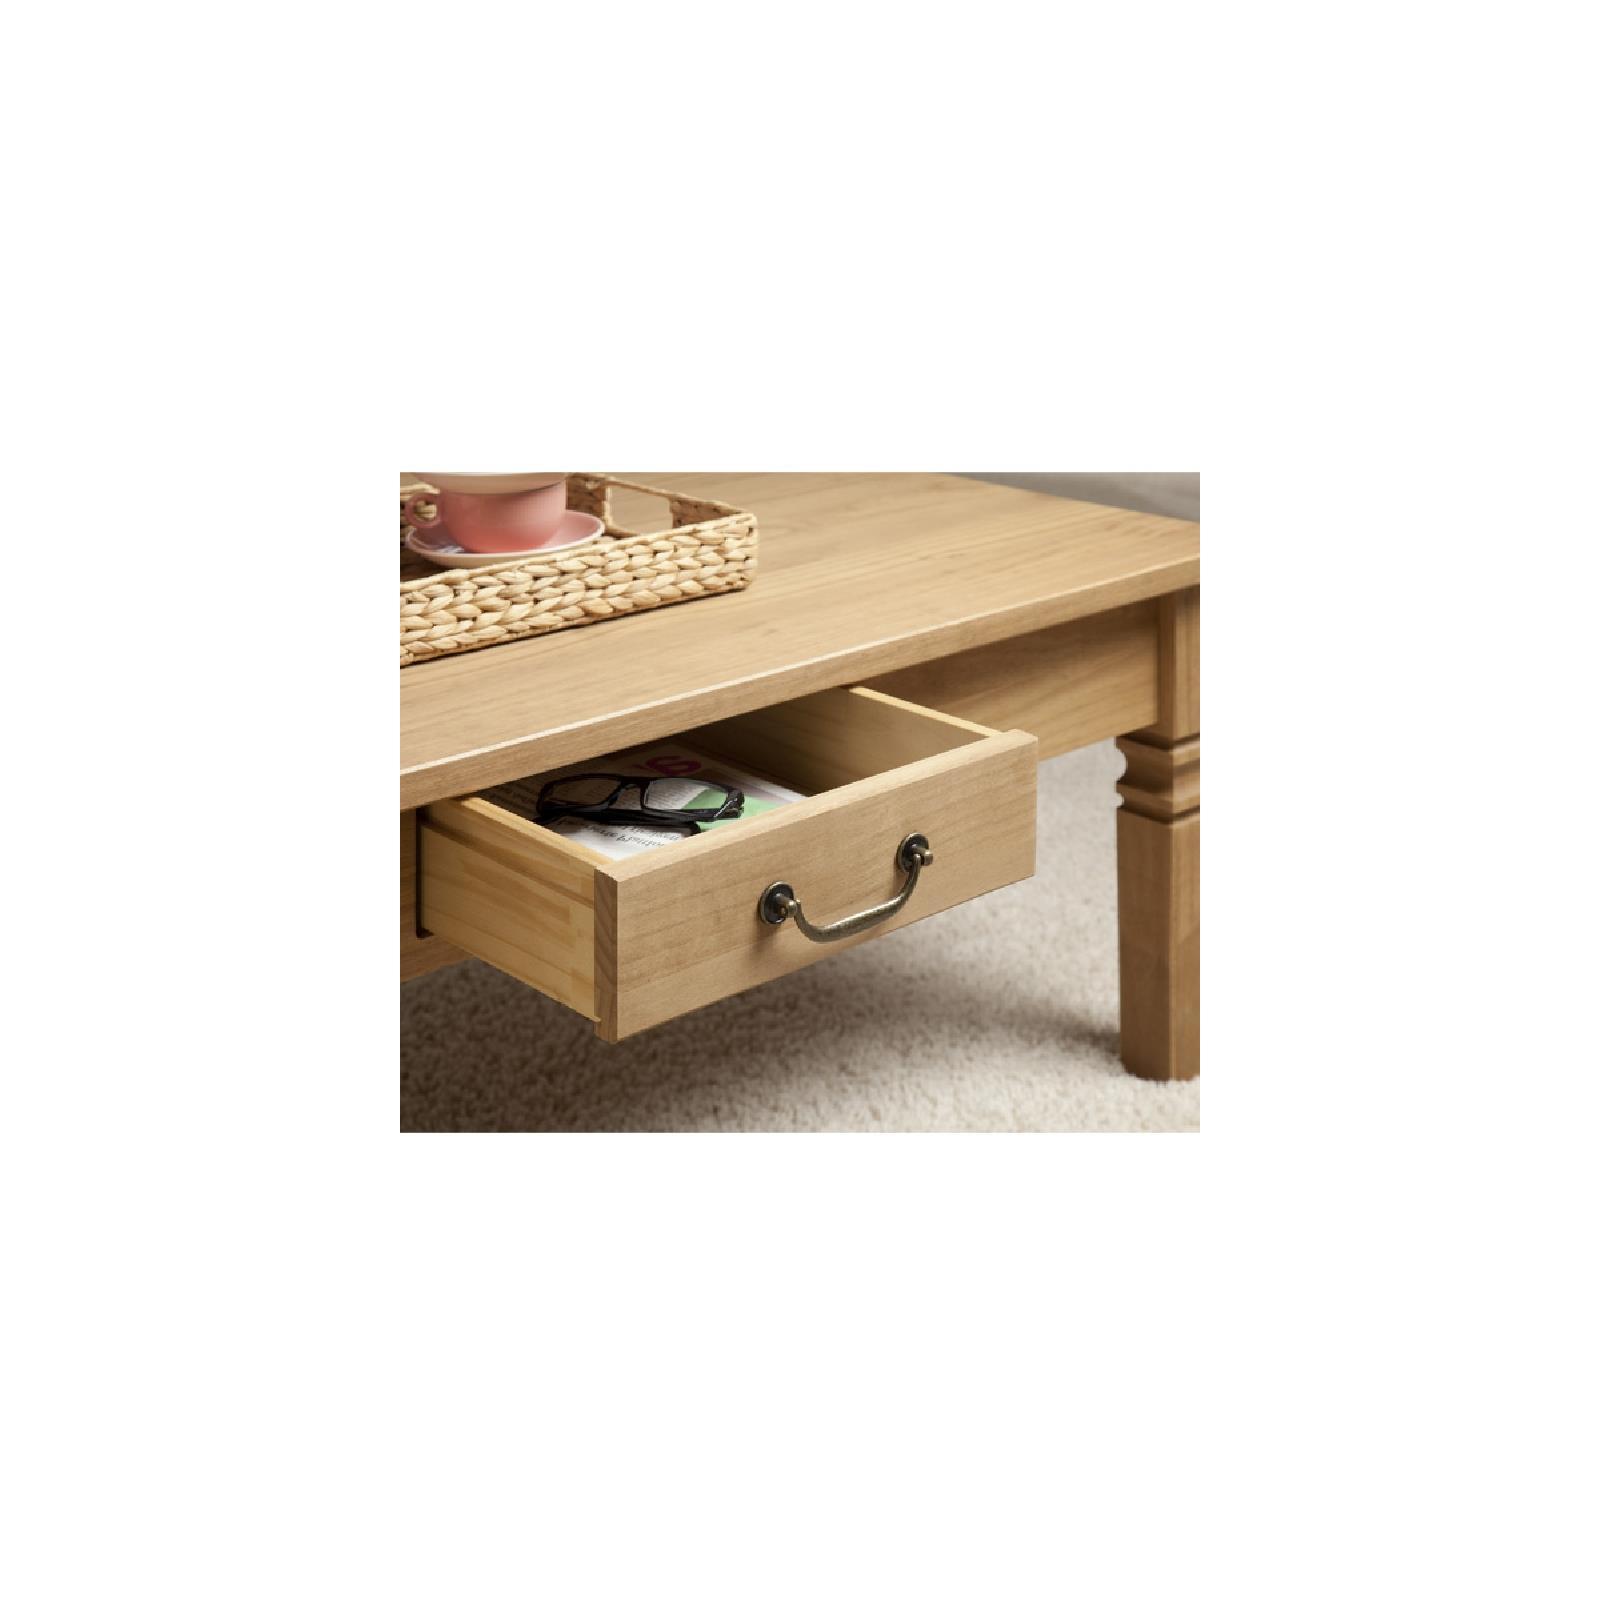 sch ne couchtisch mit schublade bild erindzain. Black Bedroom Furniture Sets. Home Design Ideas